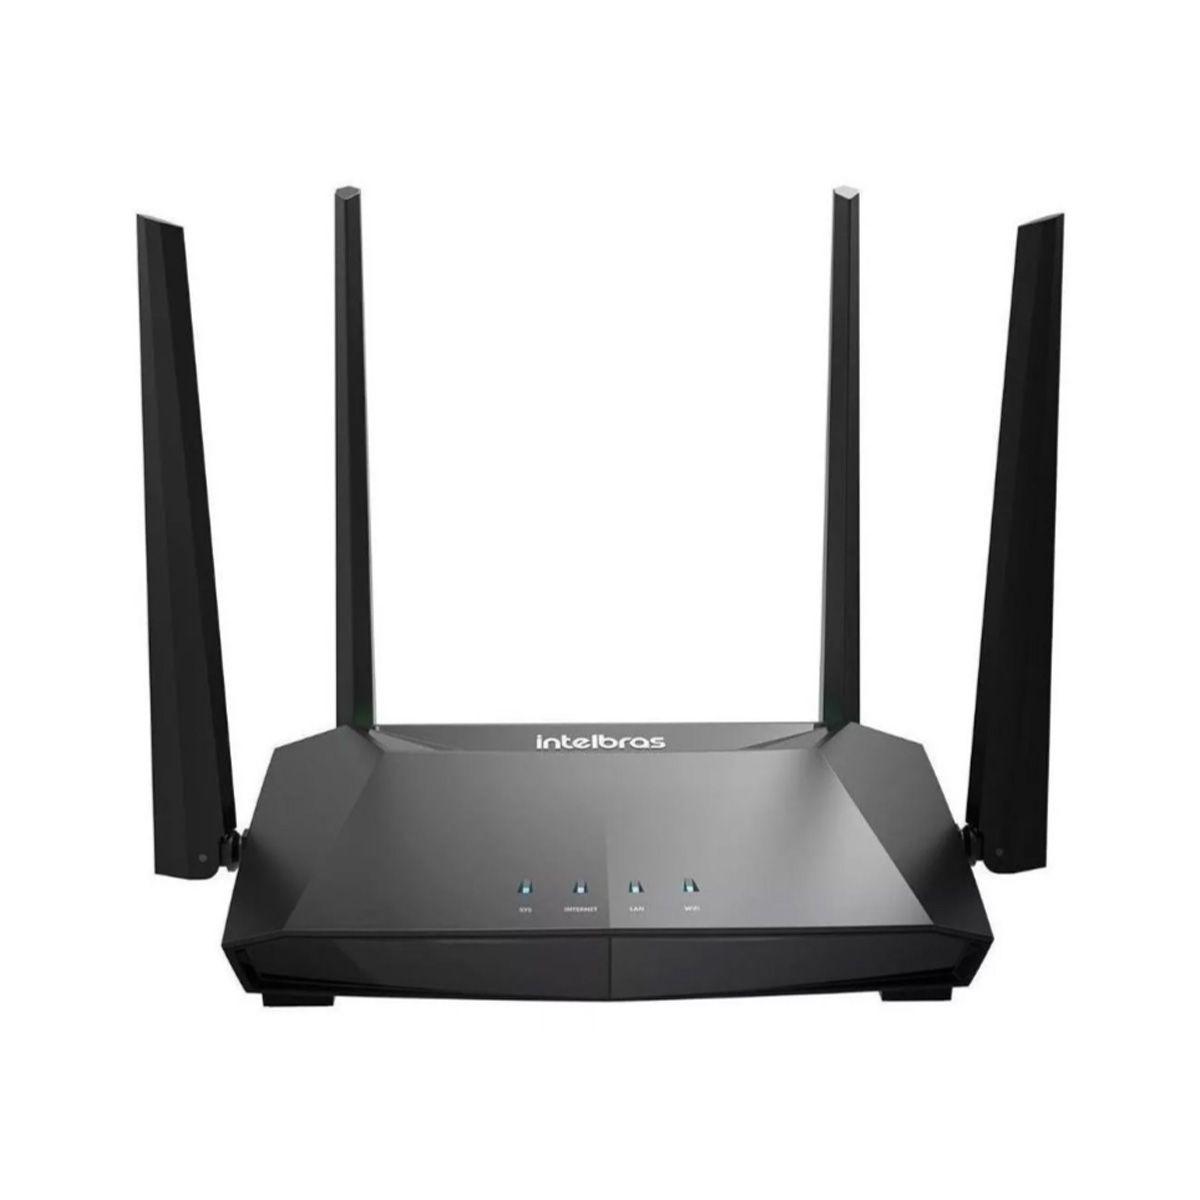 Roteador/Repetidor/Access point Intelbras ACtion RG 1200 preto 100V/240V